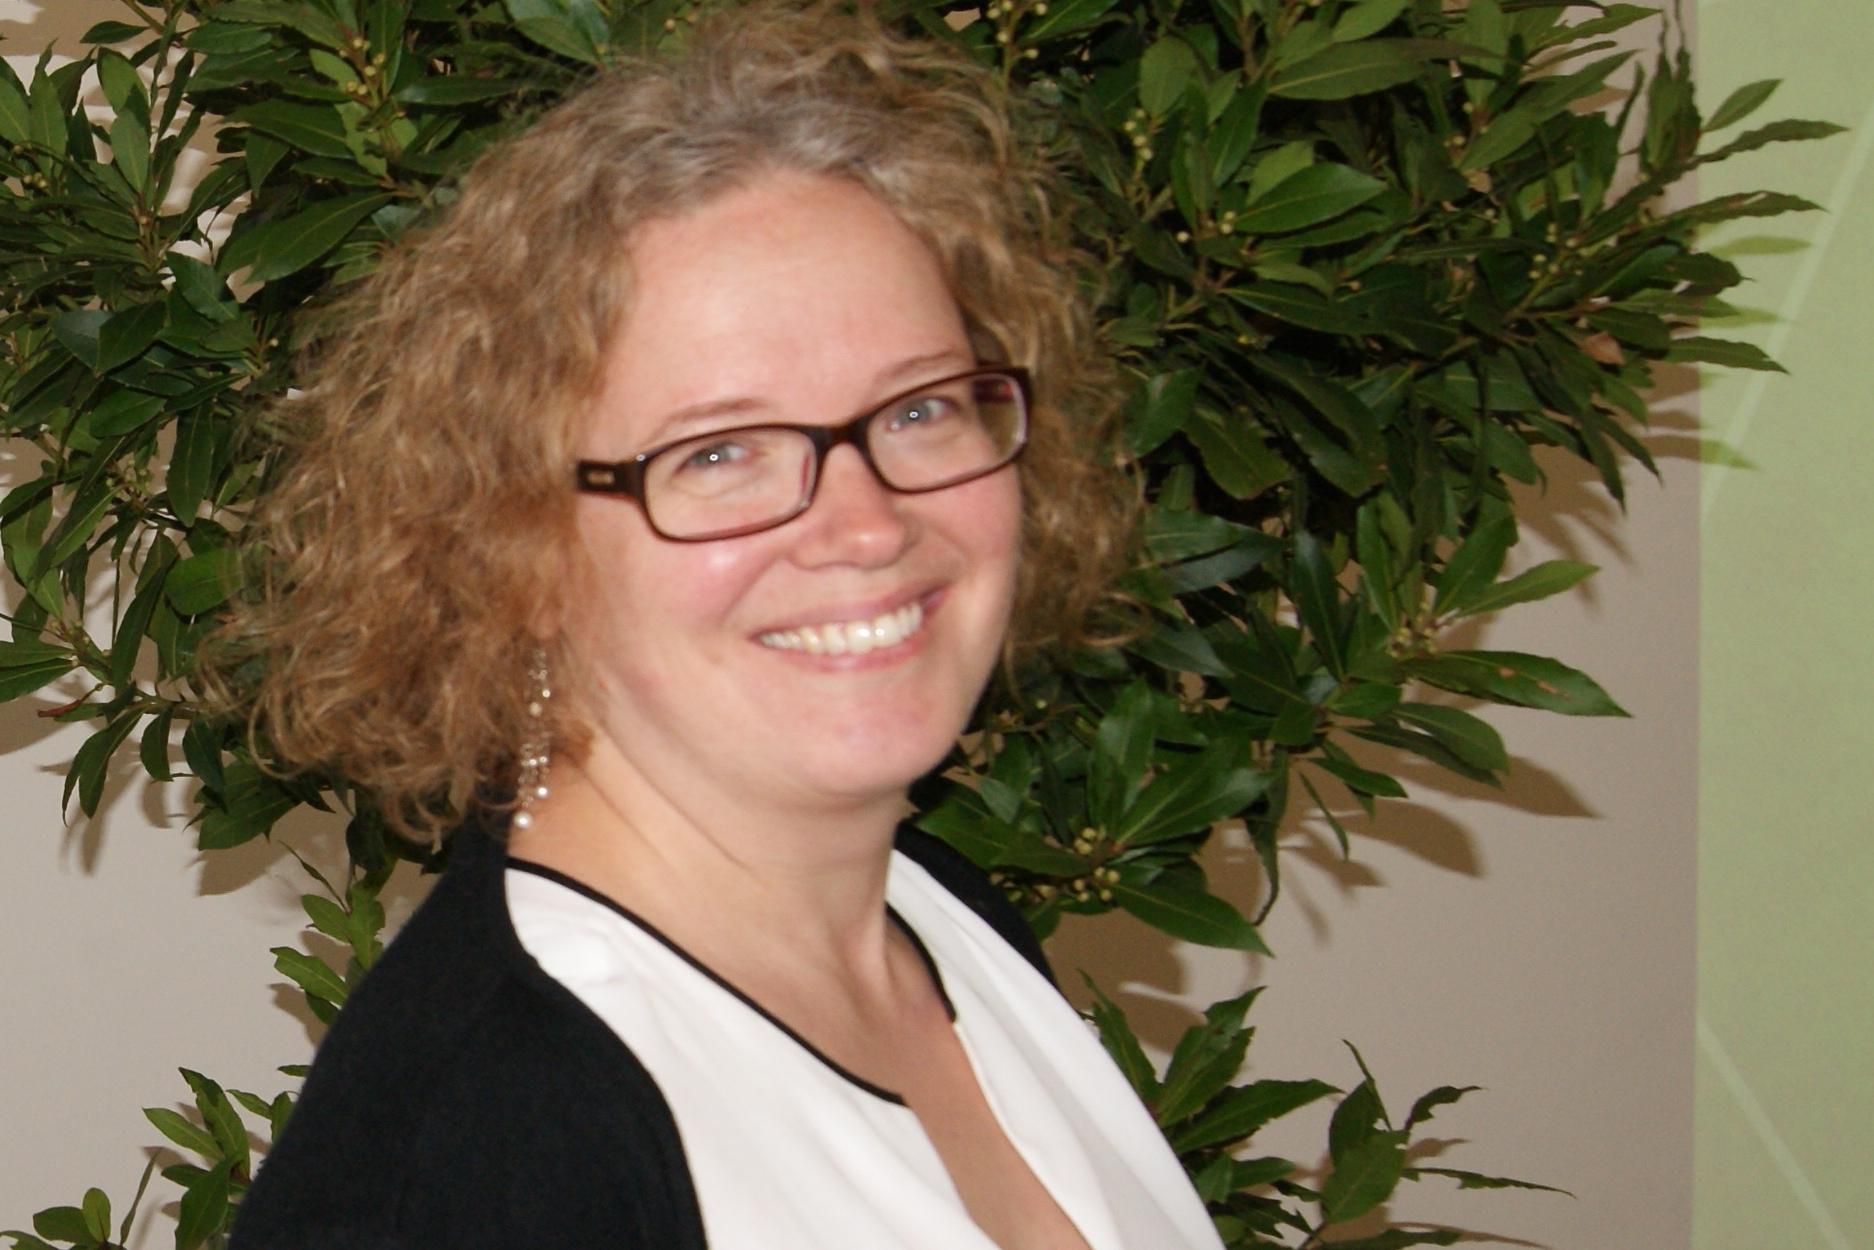 Christina Zurrin